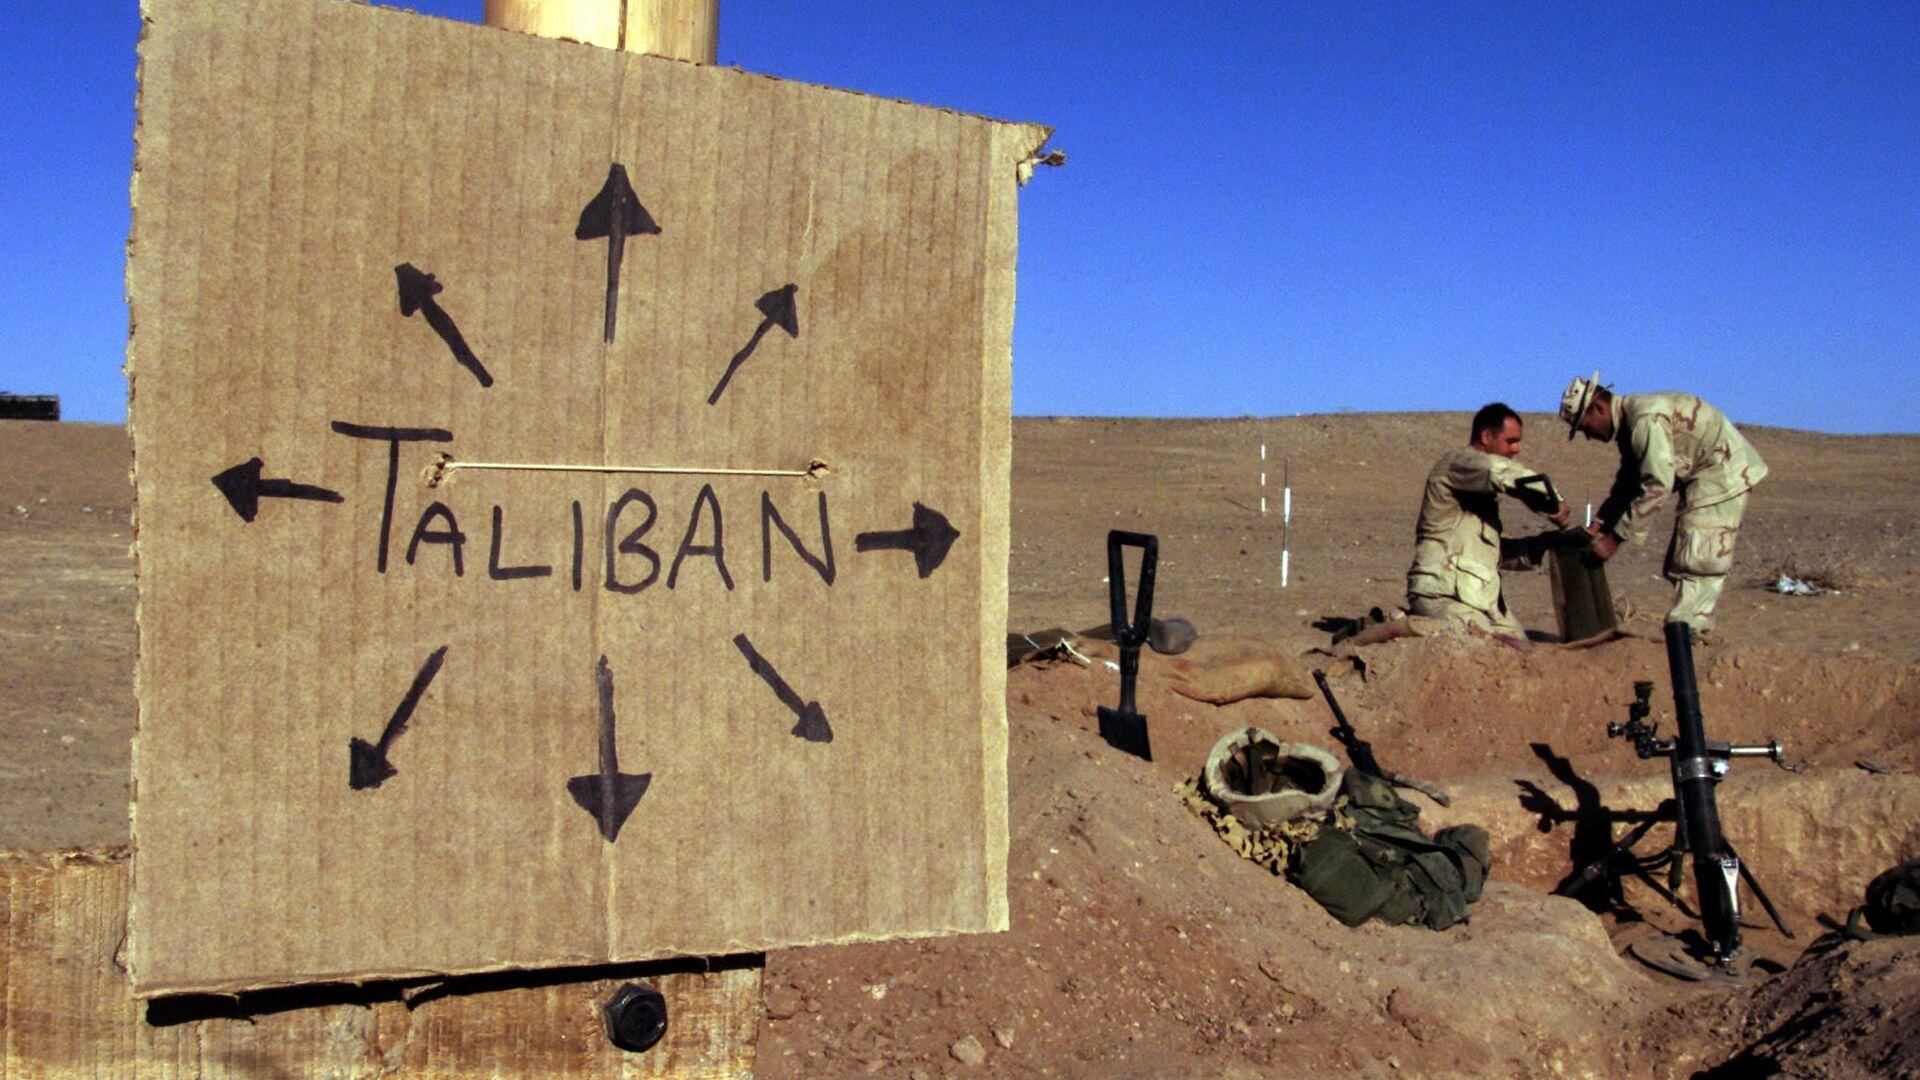 Una cartel Talibán en Afganistán (imagen referencial) - Sputnik Mundo, 1920, 25.03.2021